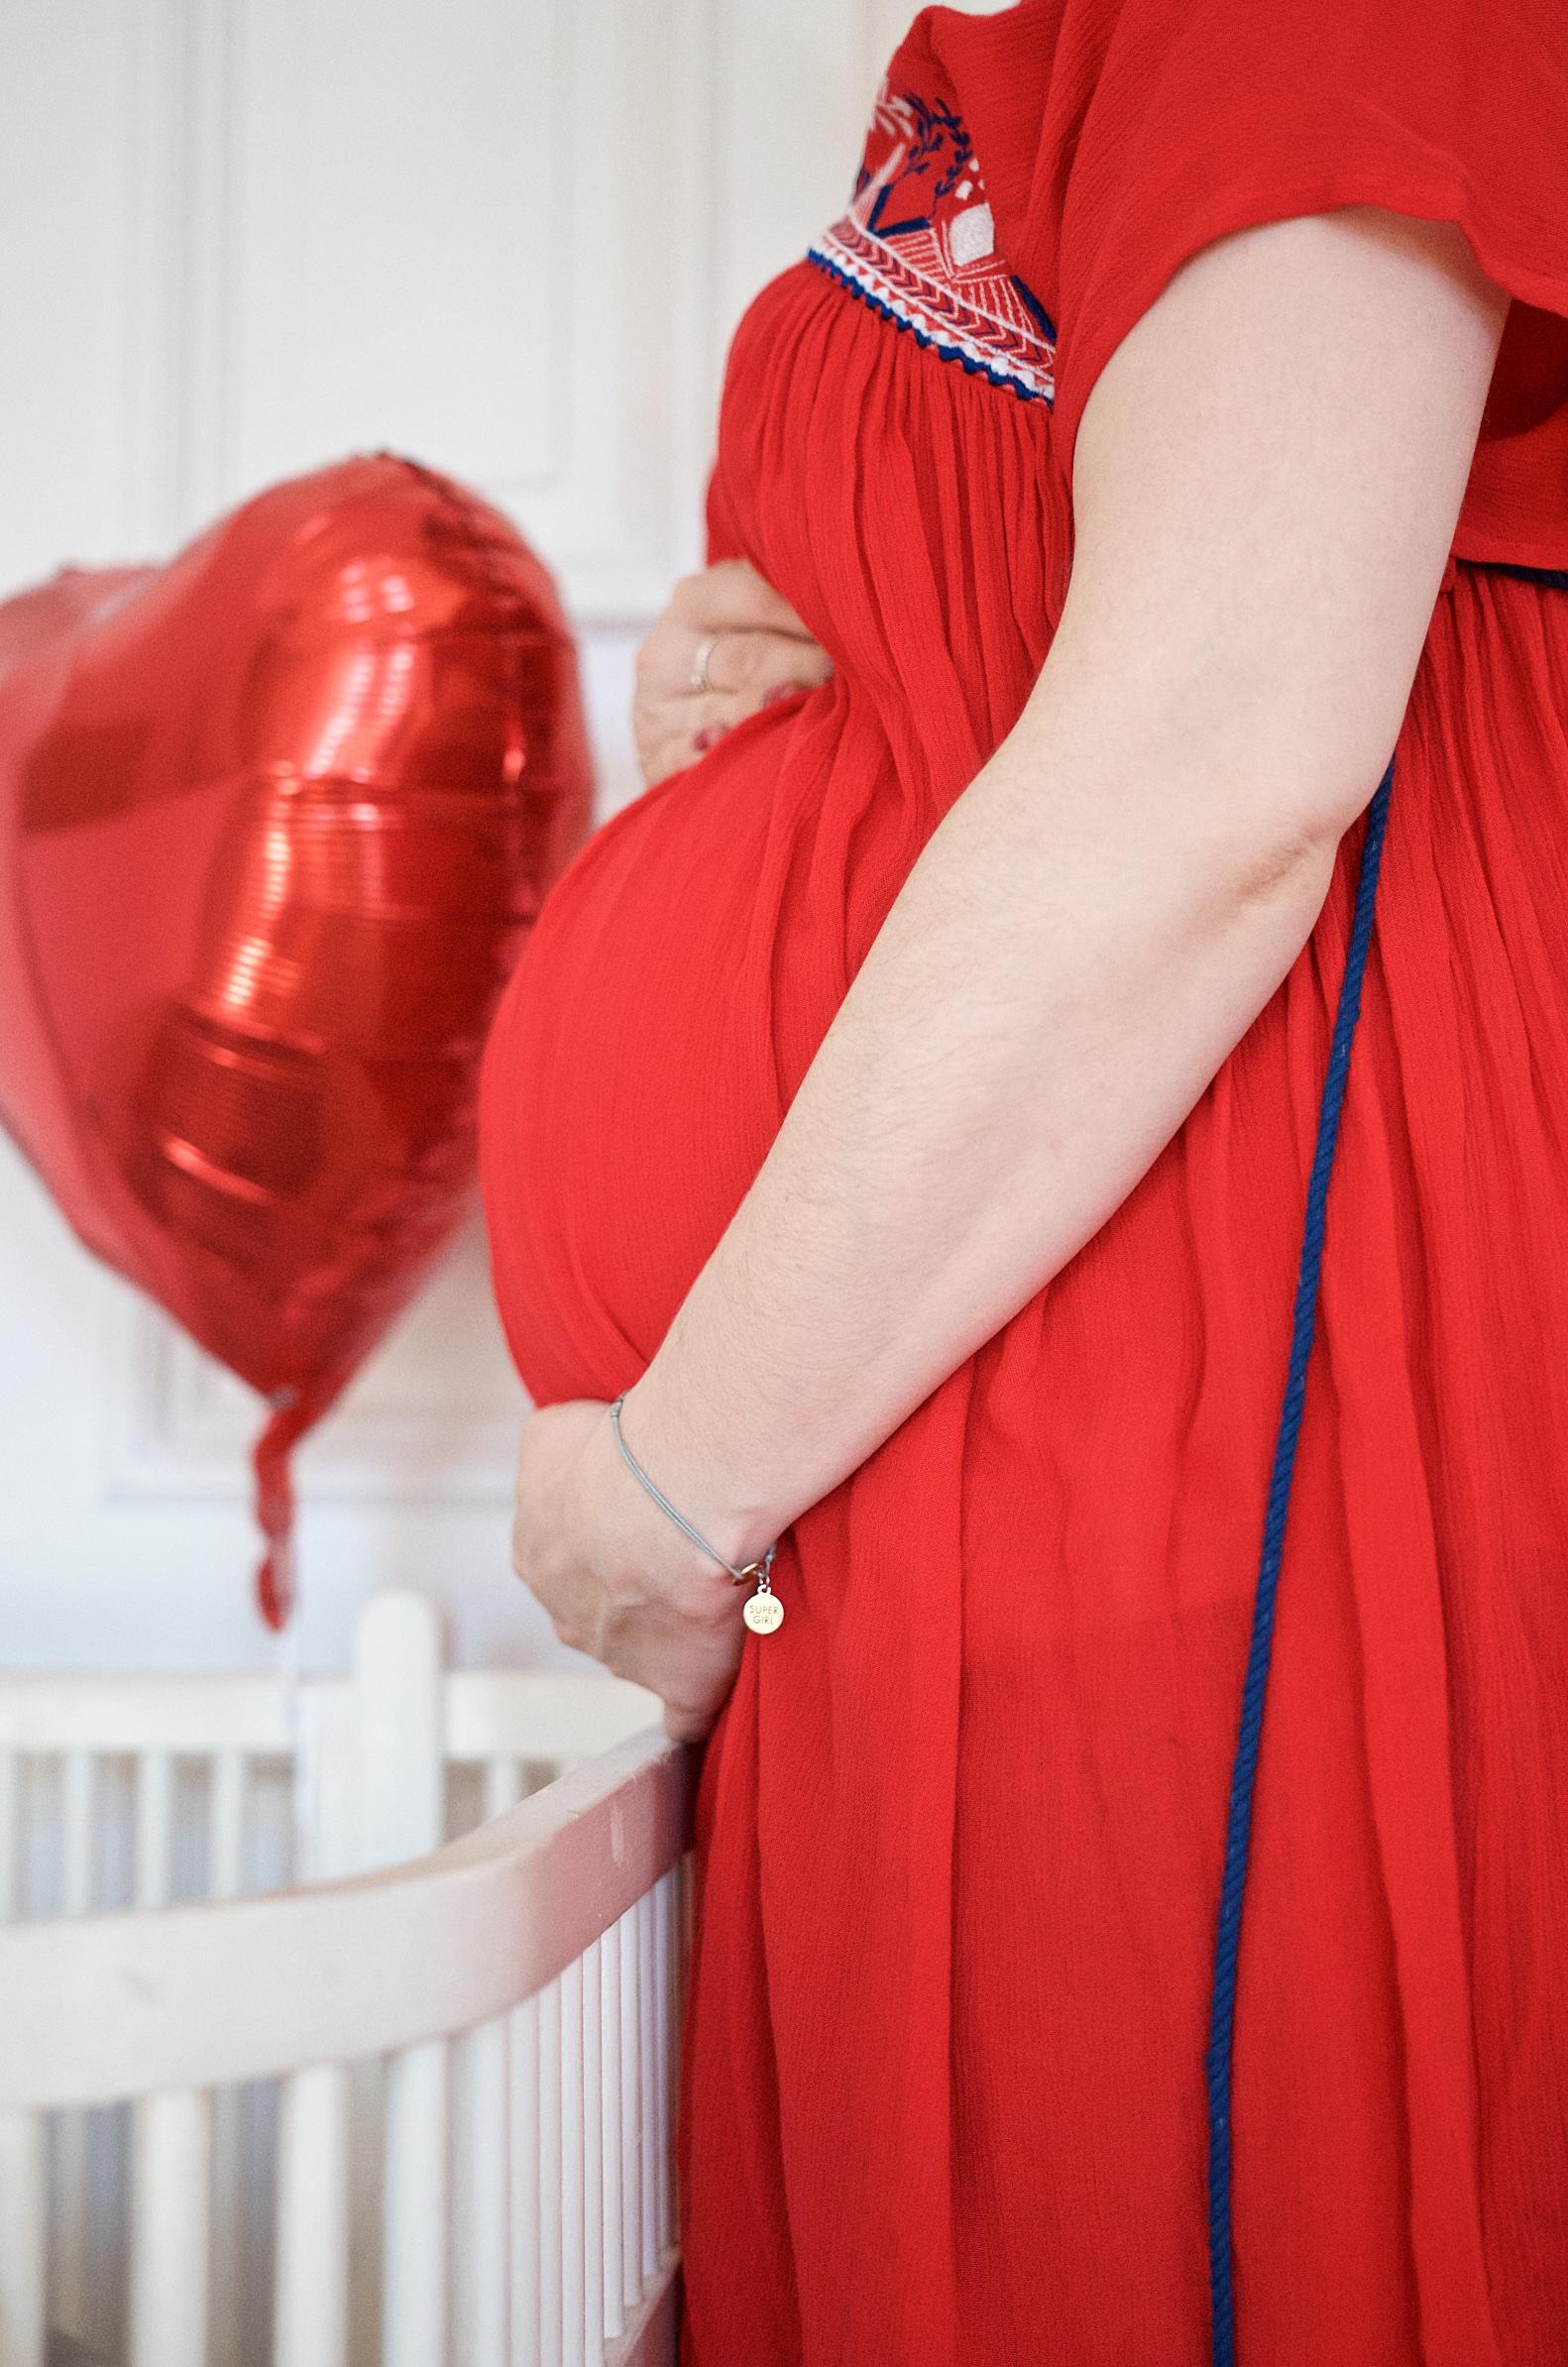 Baby Bump Update 21.SSW im Sommerkleid von Mara Mea und die Frage nach der Hebamme